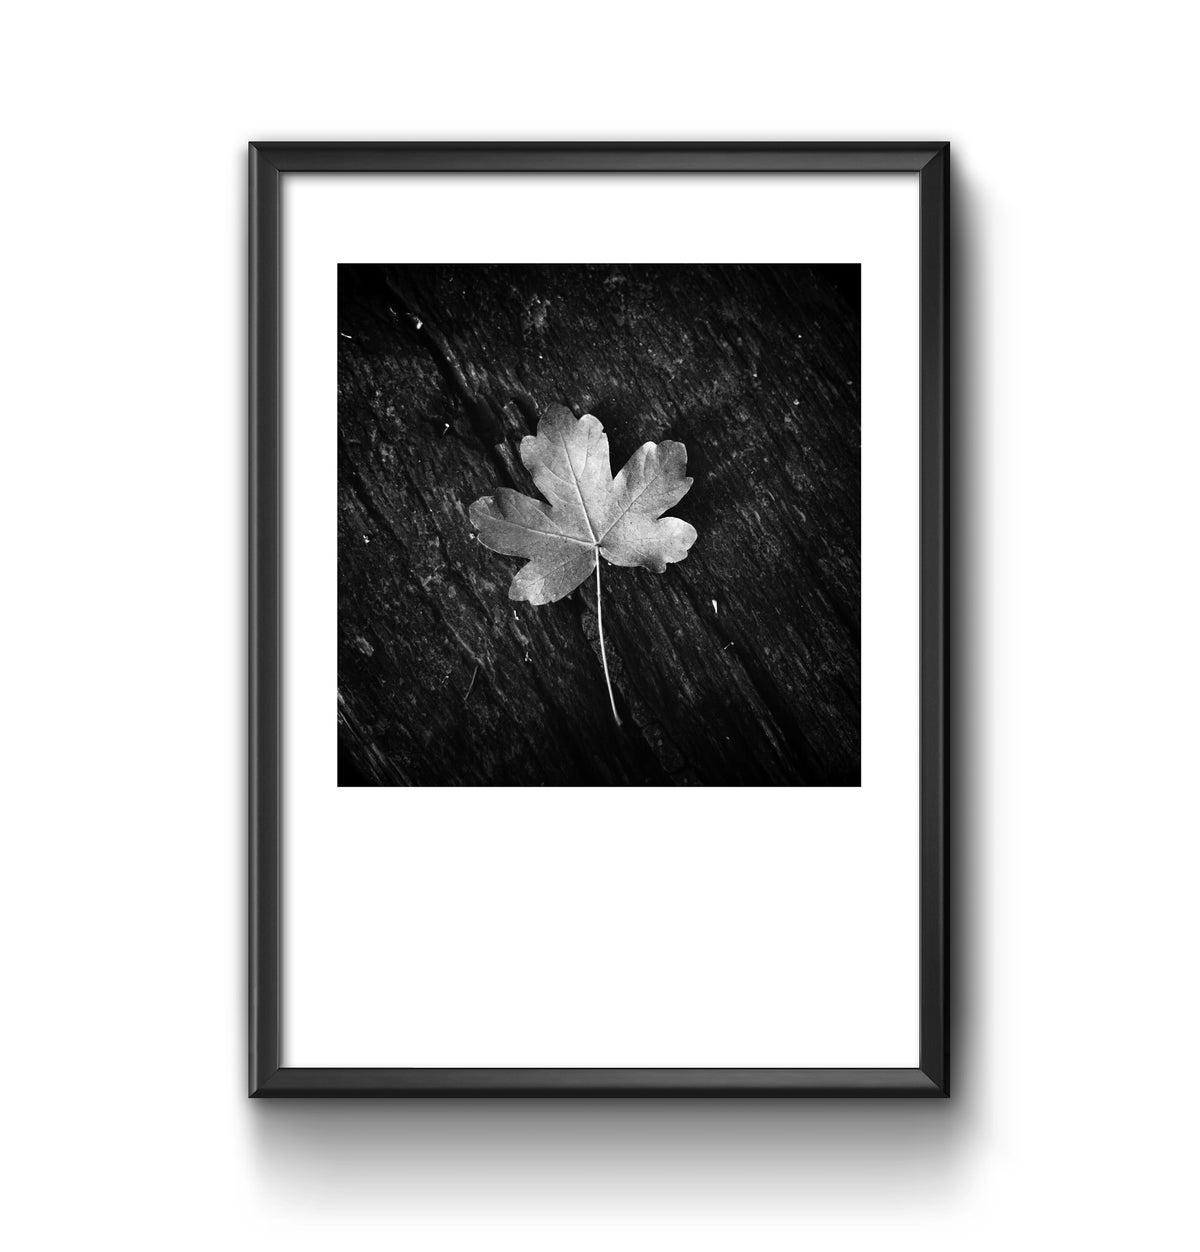 Image of Leaf - Gege Gatt